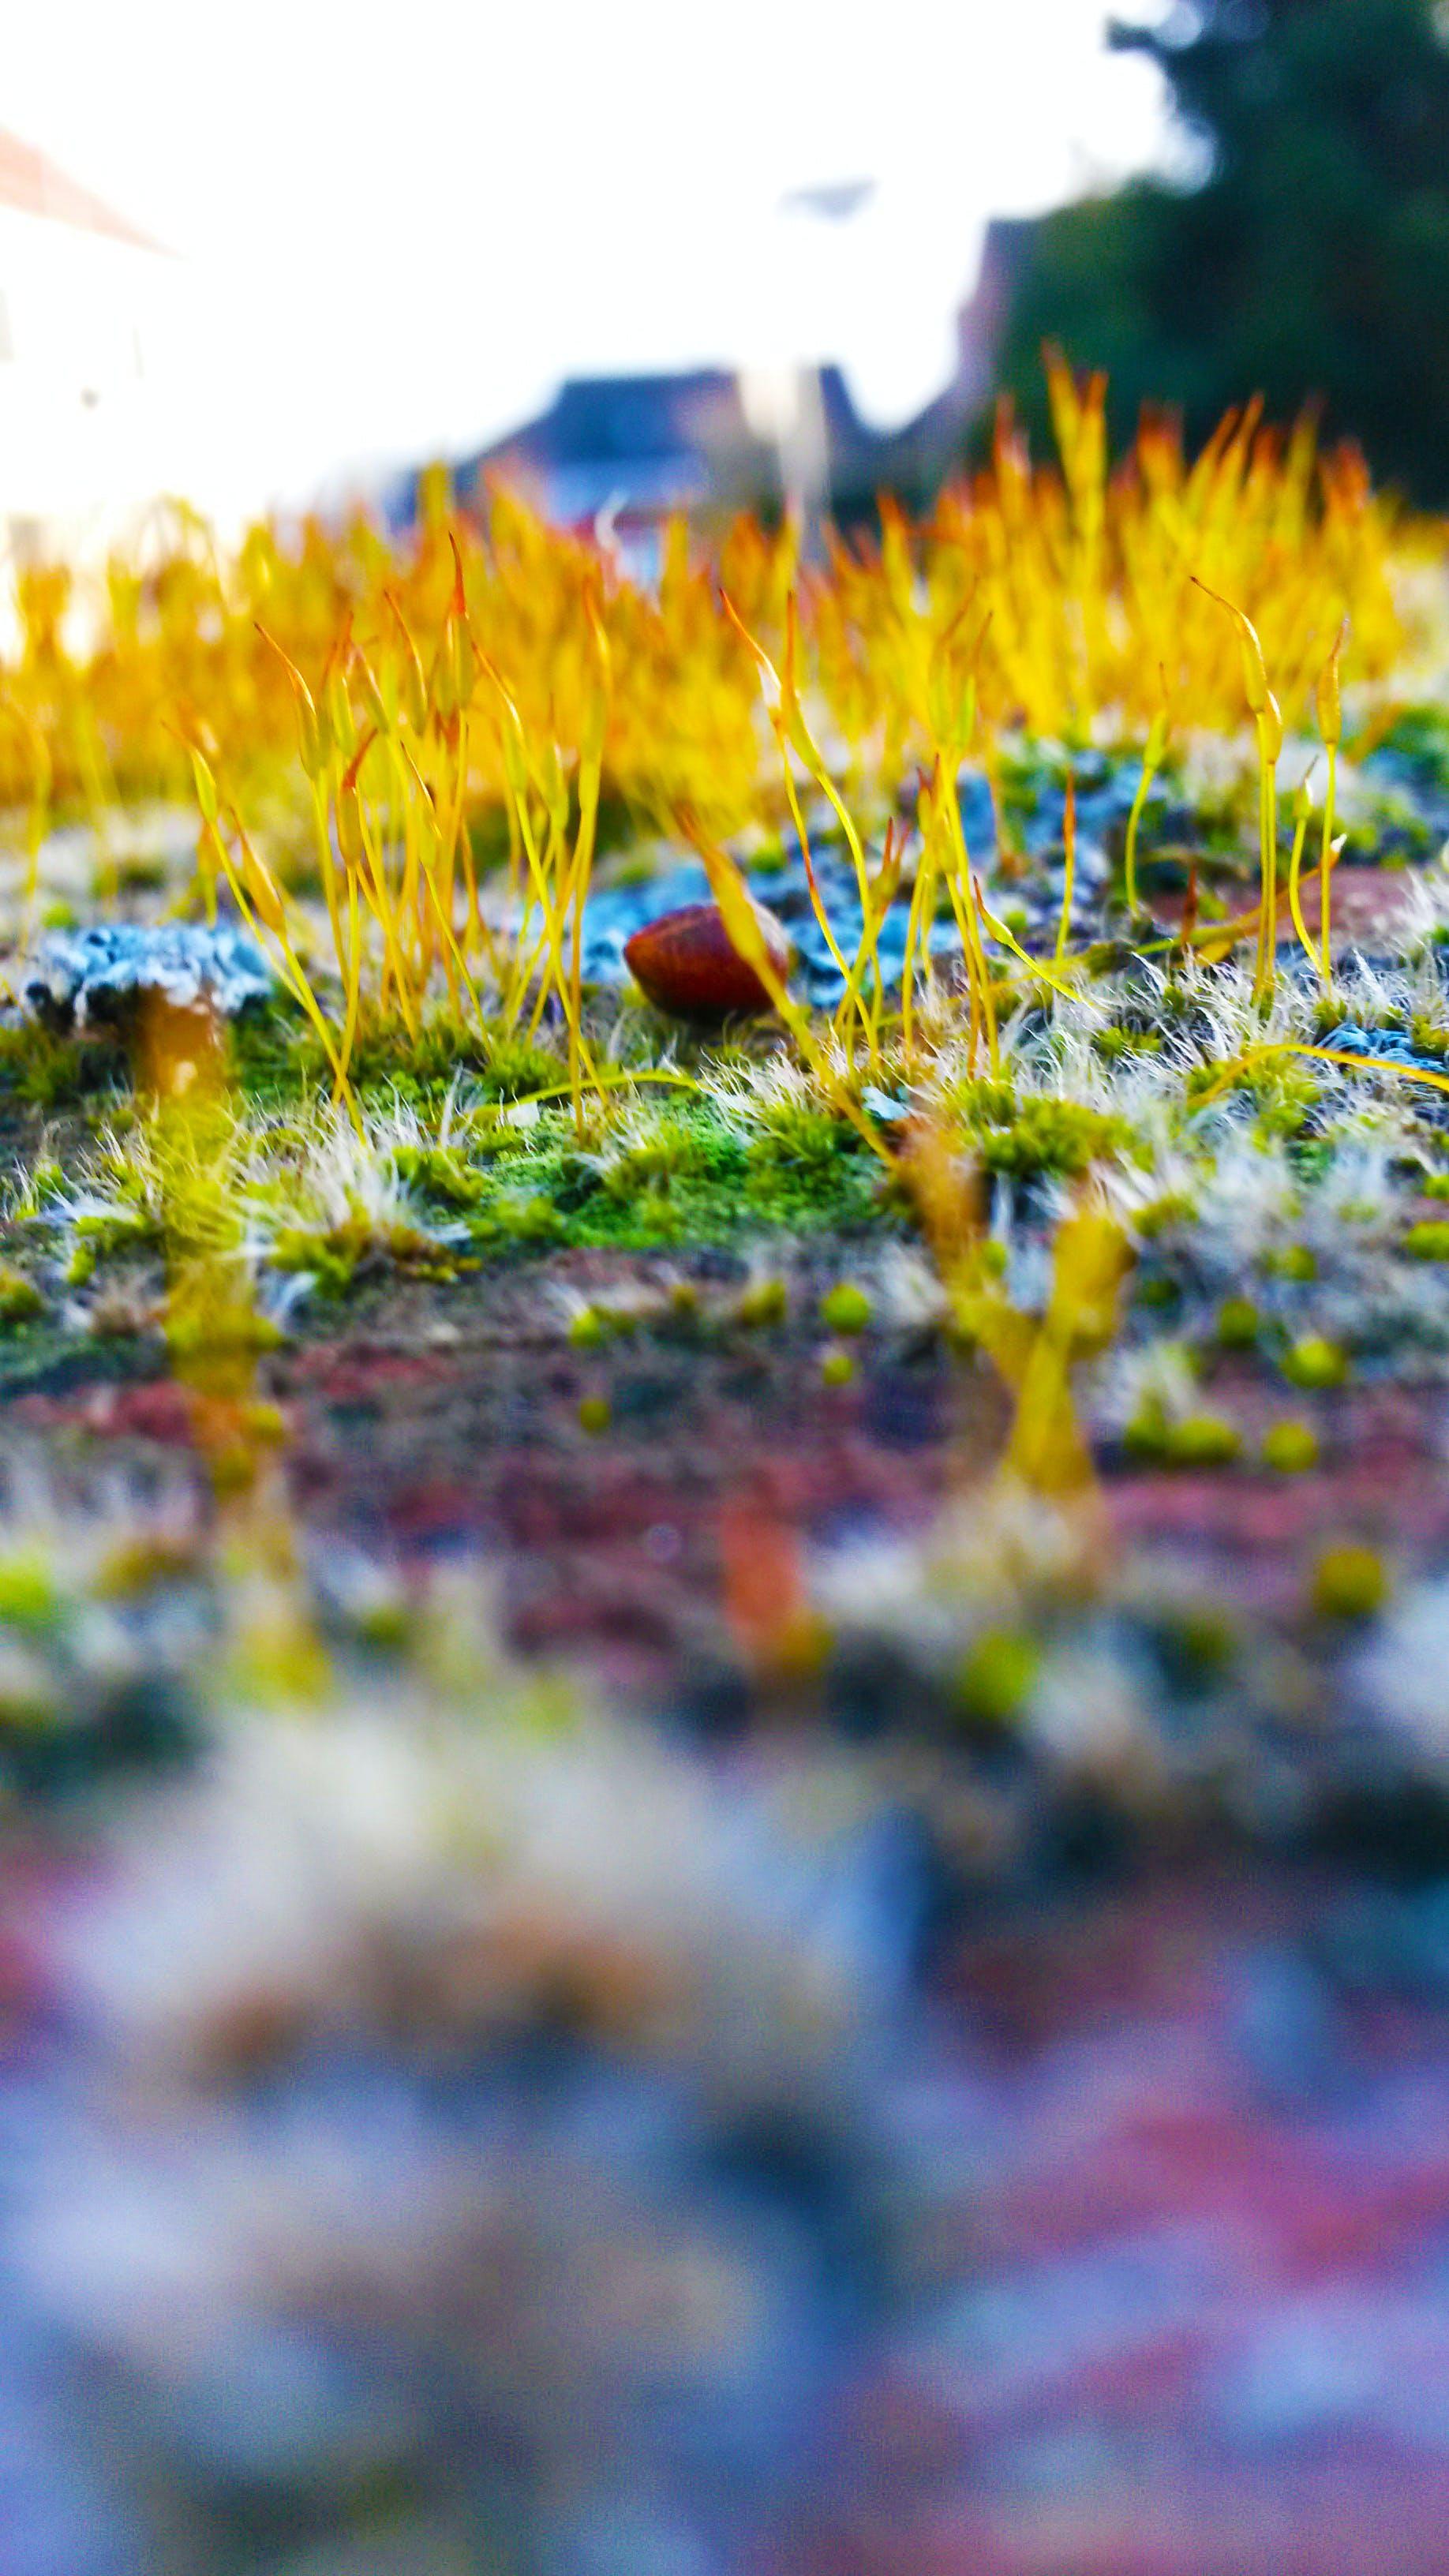 Foto profissional grátis de borrão, chão, concentração, grama